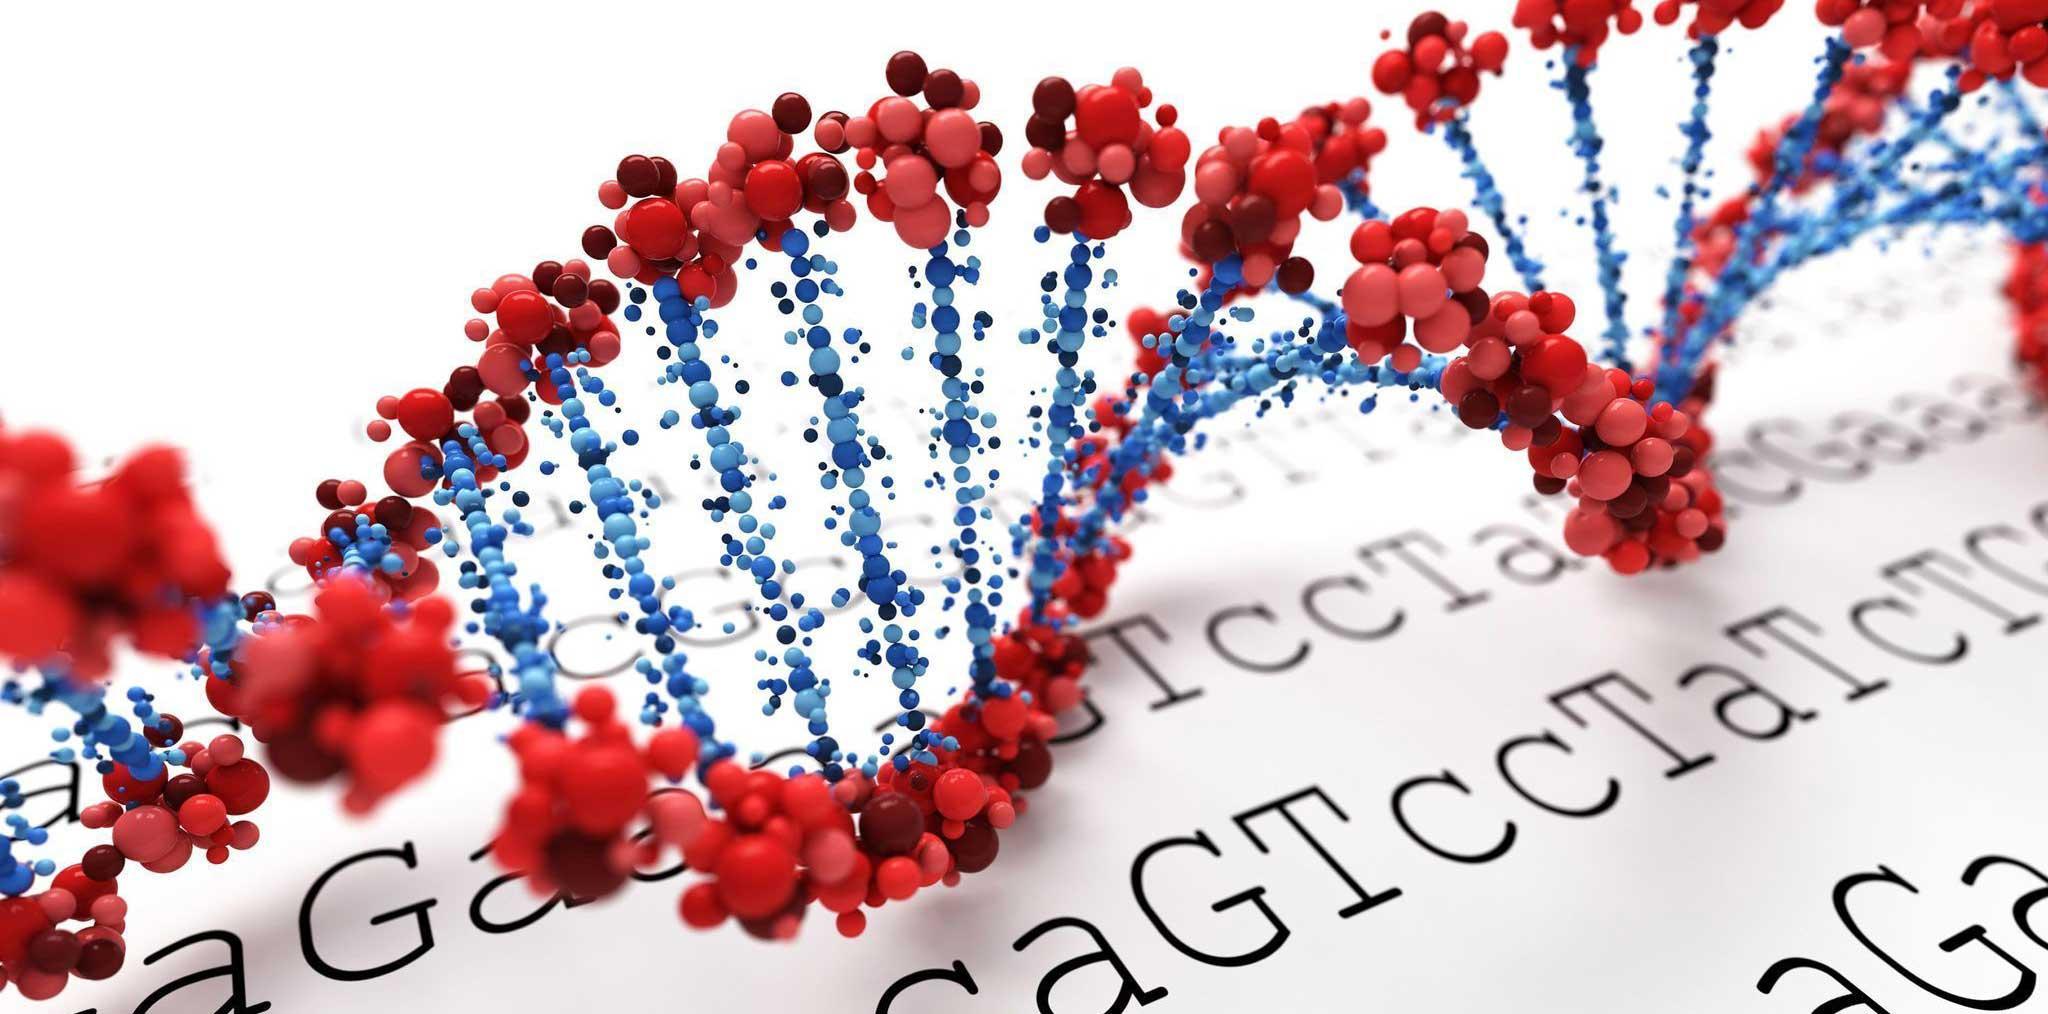 Генная терапия восстановит эффективность лечения болезни Паркинсона